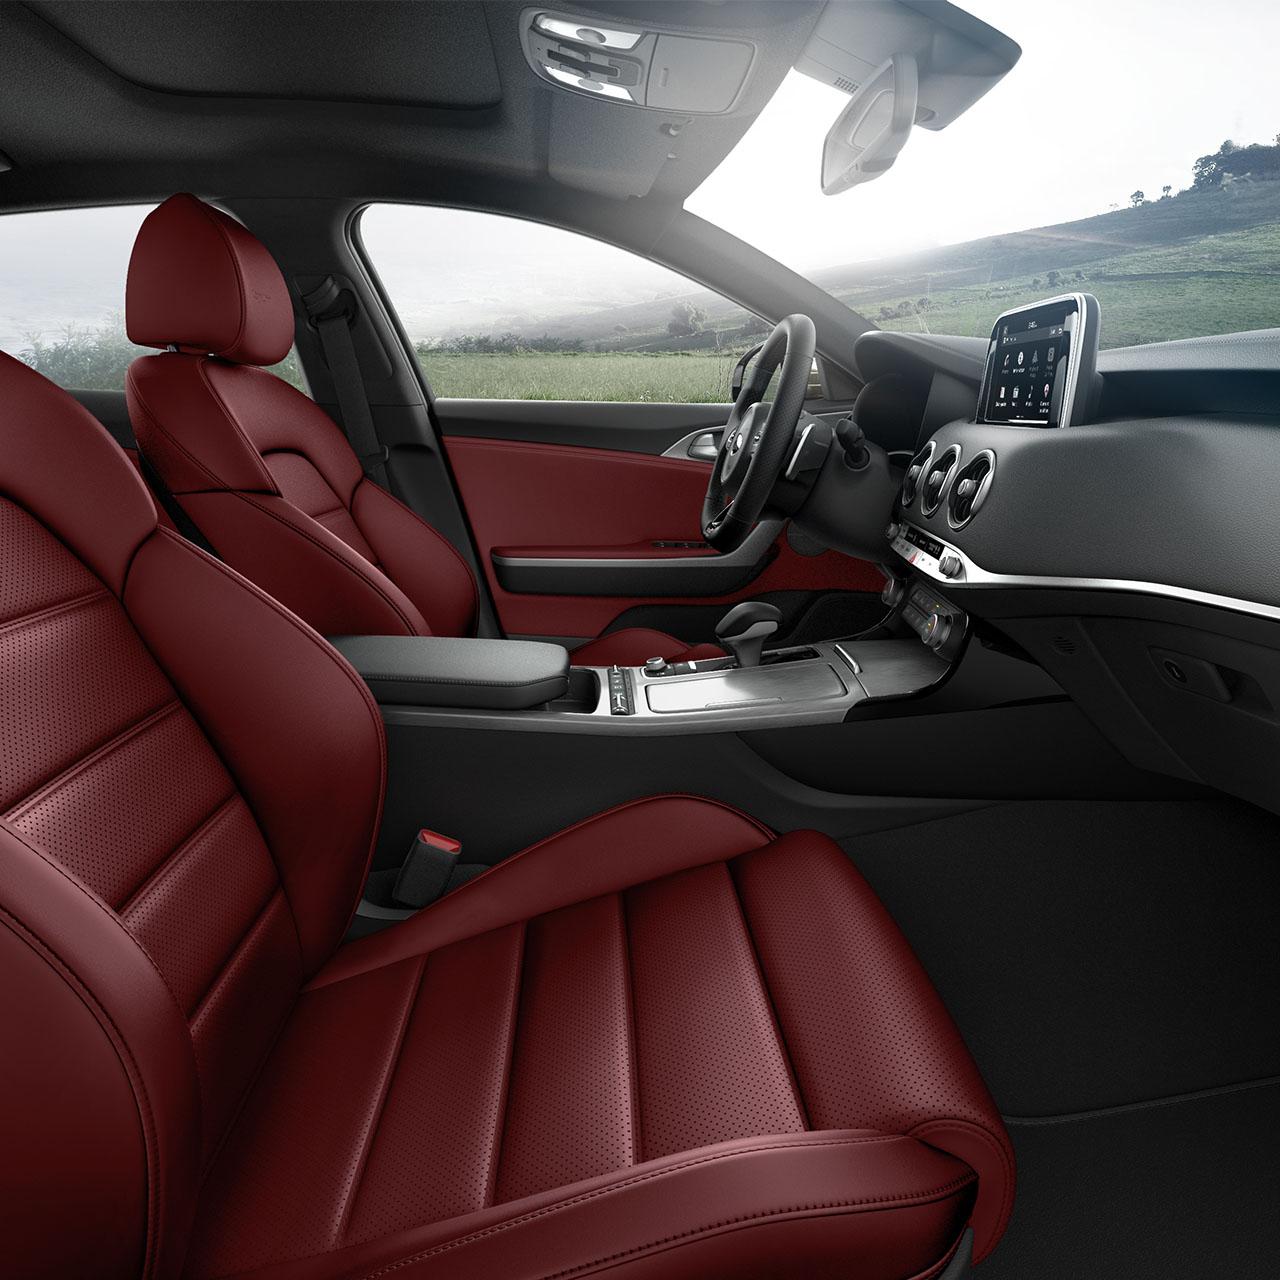 Luxurious Interior of the 2018 Kia Stinger